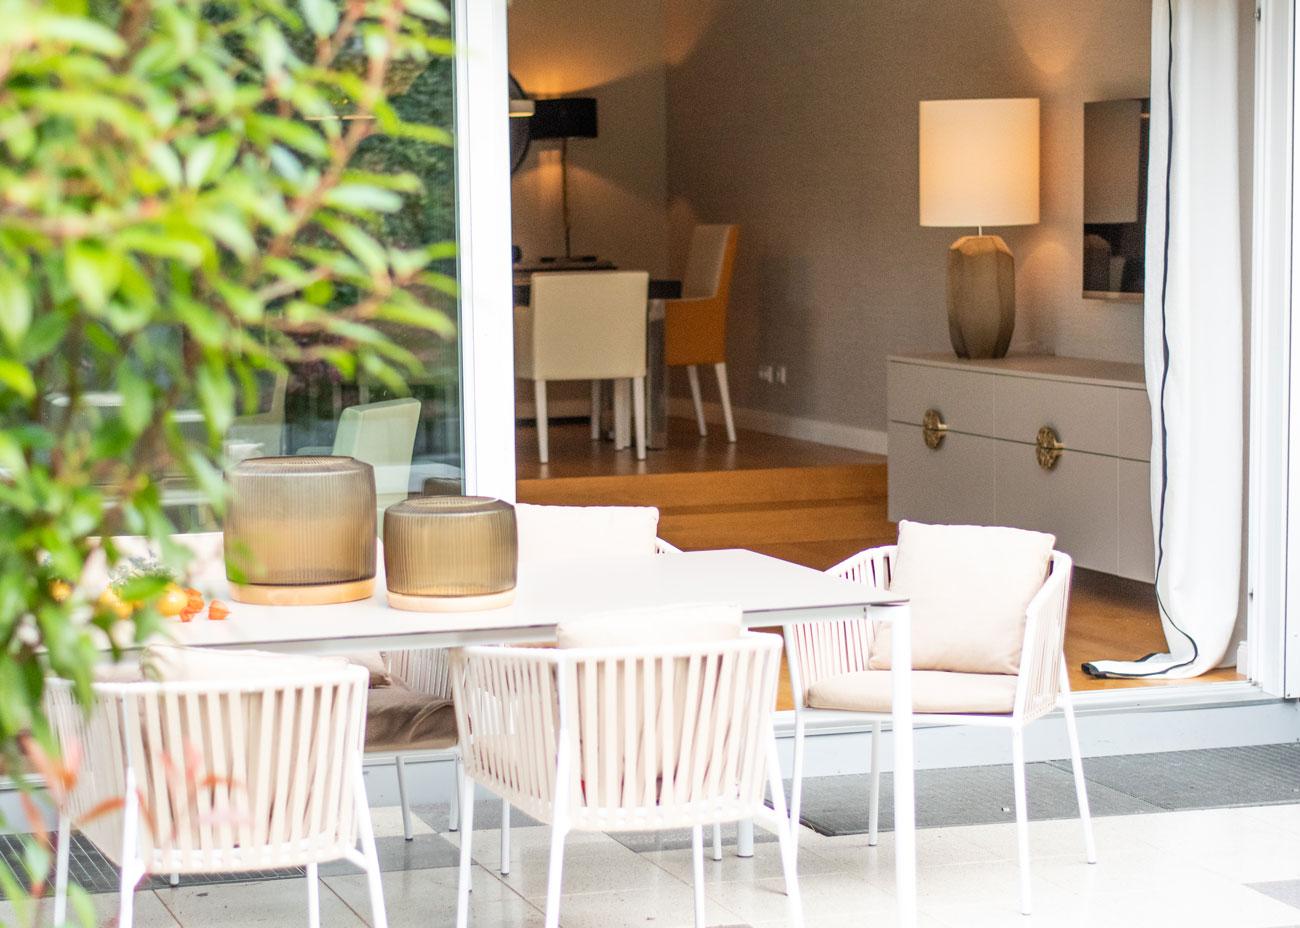 haus renovieren ideen terrasse esszimmer tisch stühle kommode leuchte vorhang weiss